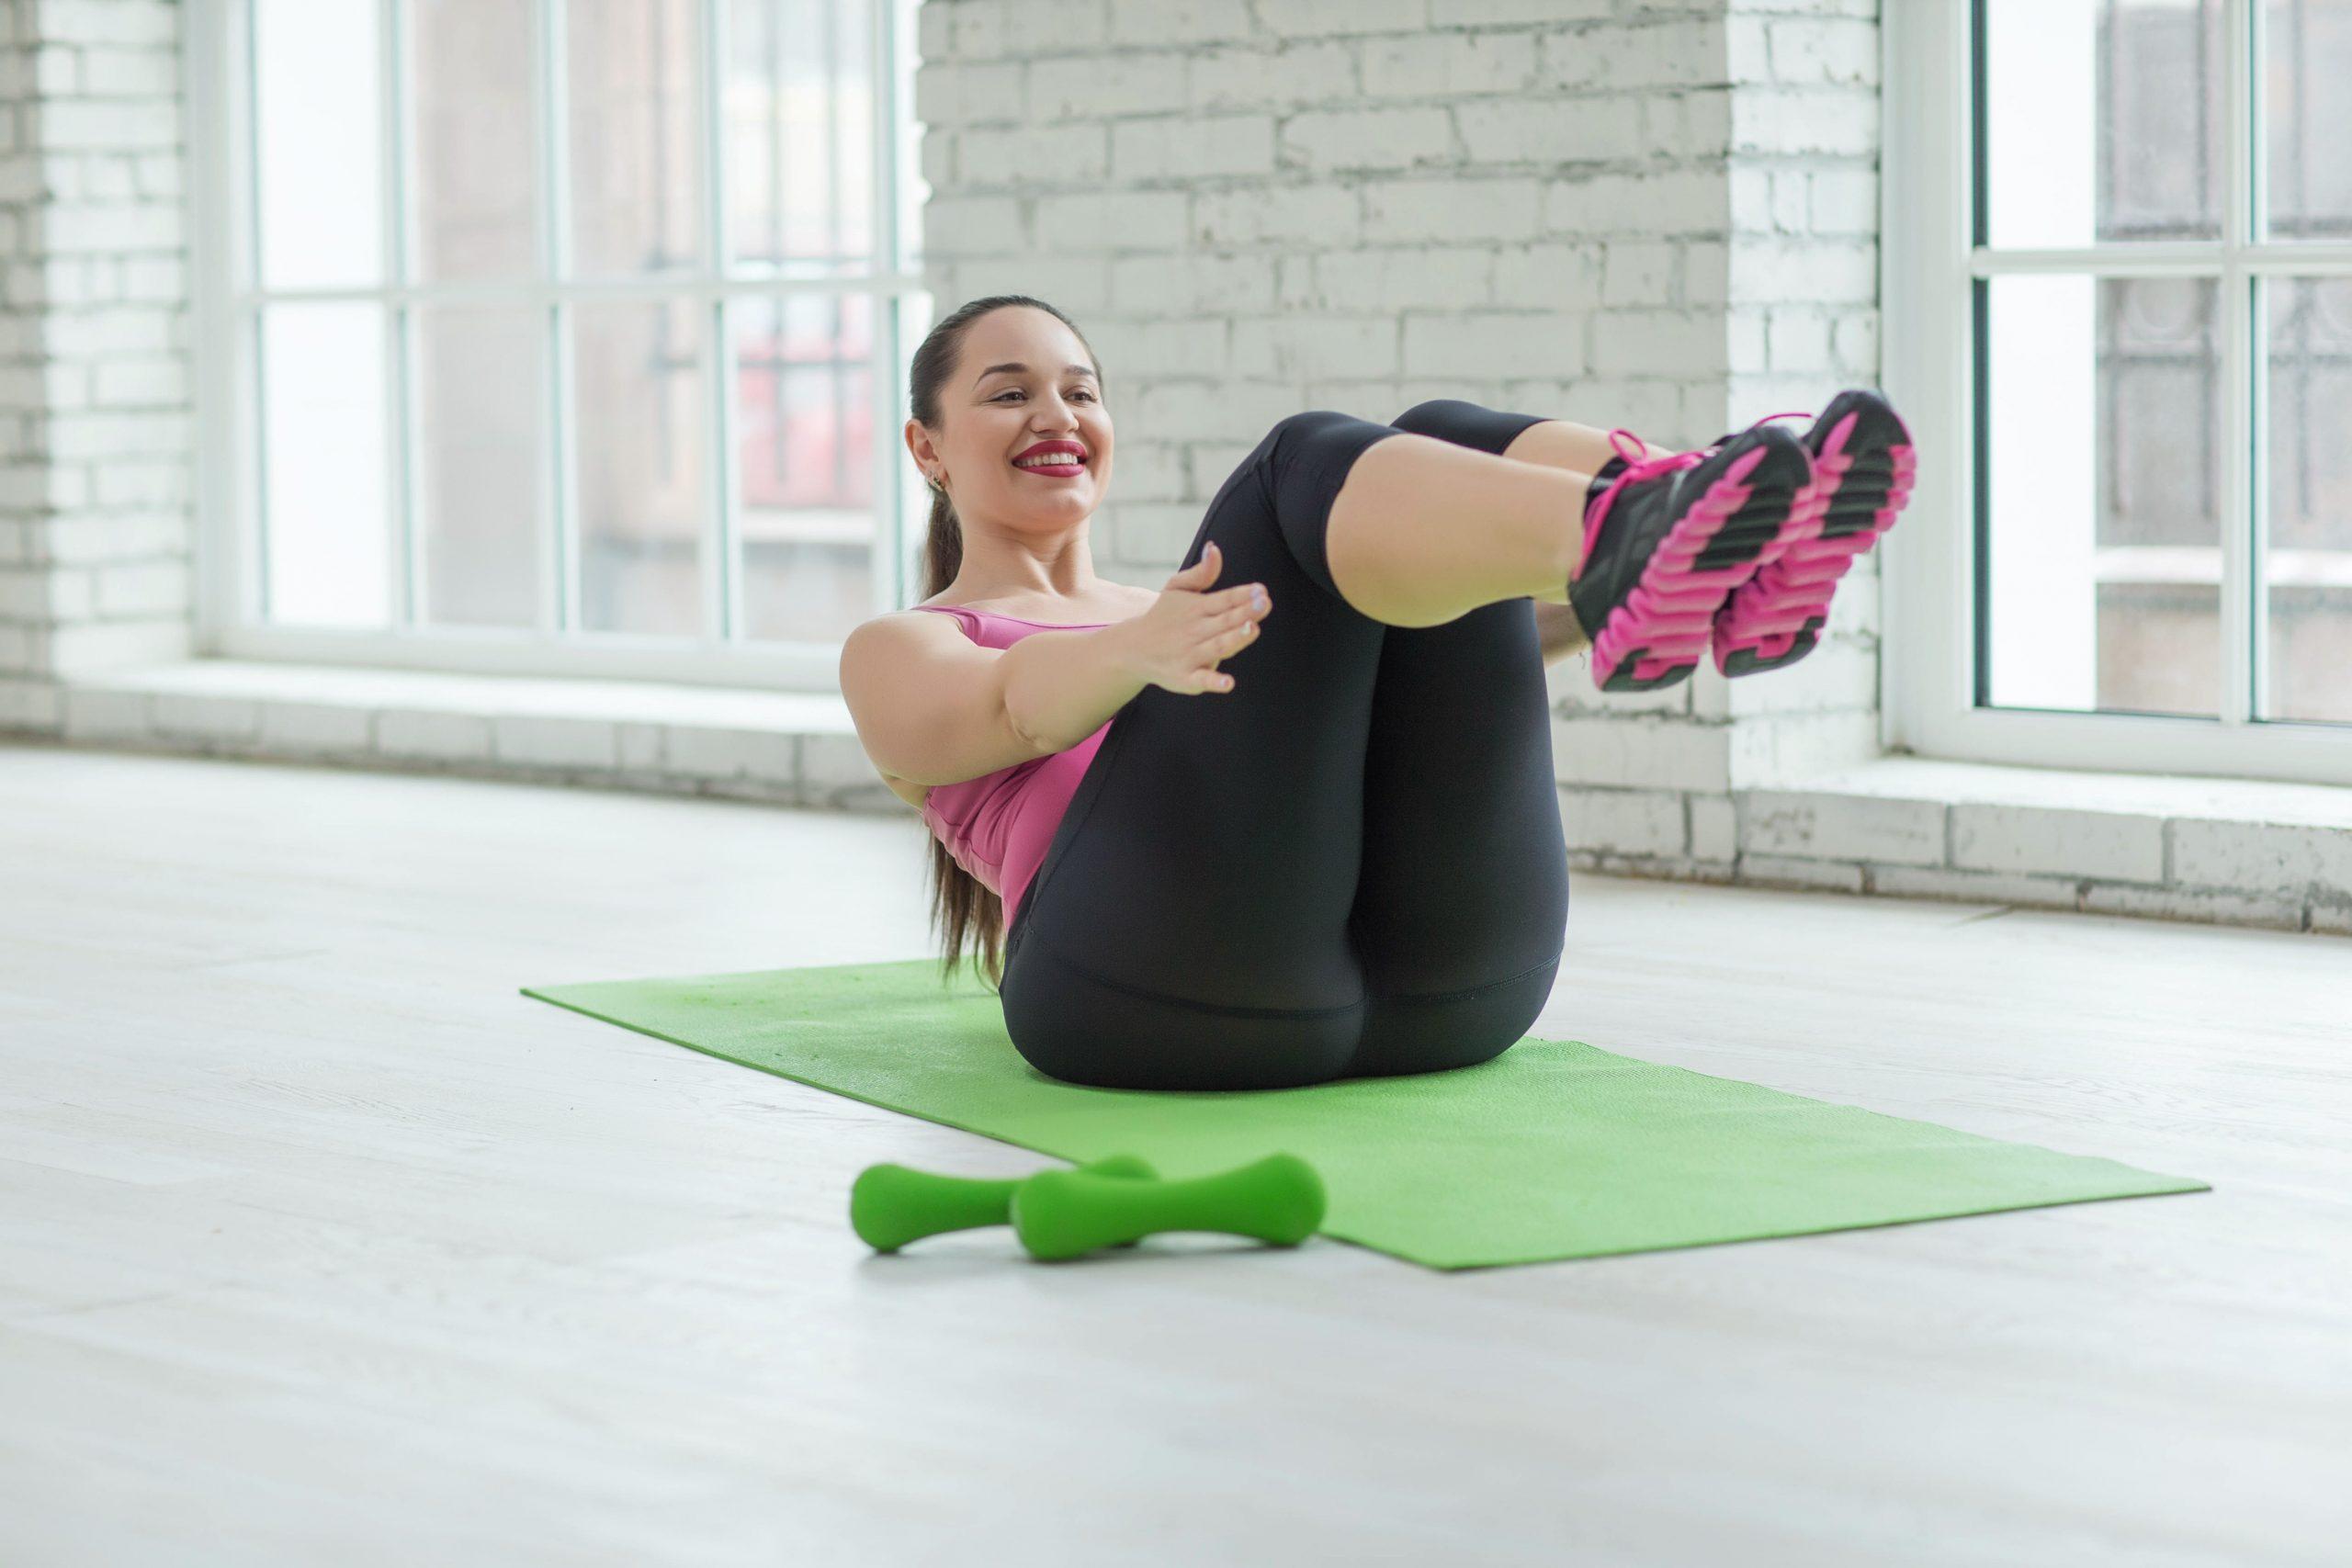 Diversificar a rotina de exercícios é fundamental para quem busca emagrecer